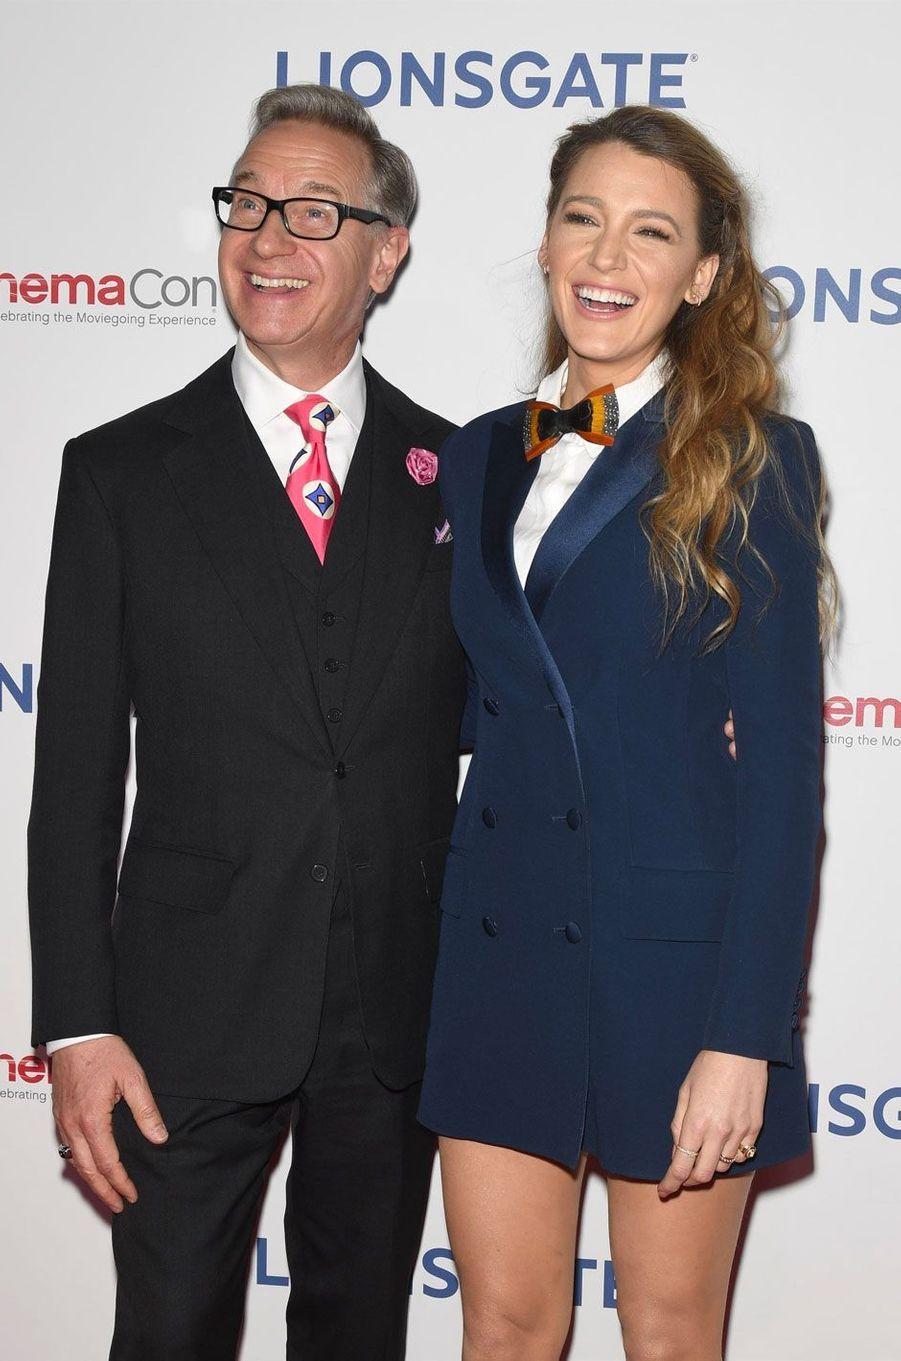 Paul Feig et Blake Lively à la soirée Lionsgate CinemaCon 2018 au Caesars Palace à Las Vegas, le 26 avril 2018